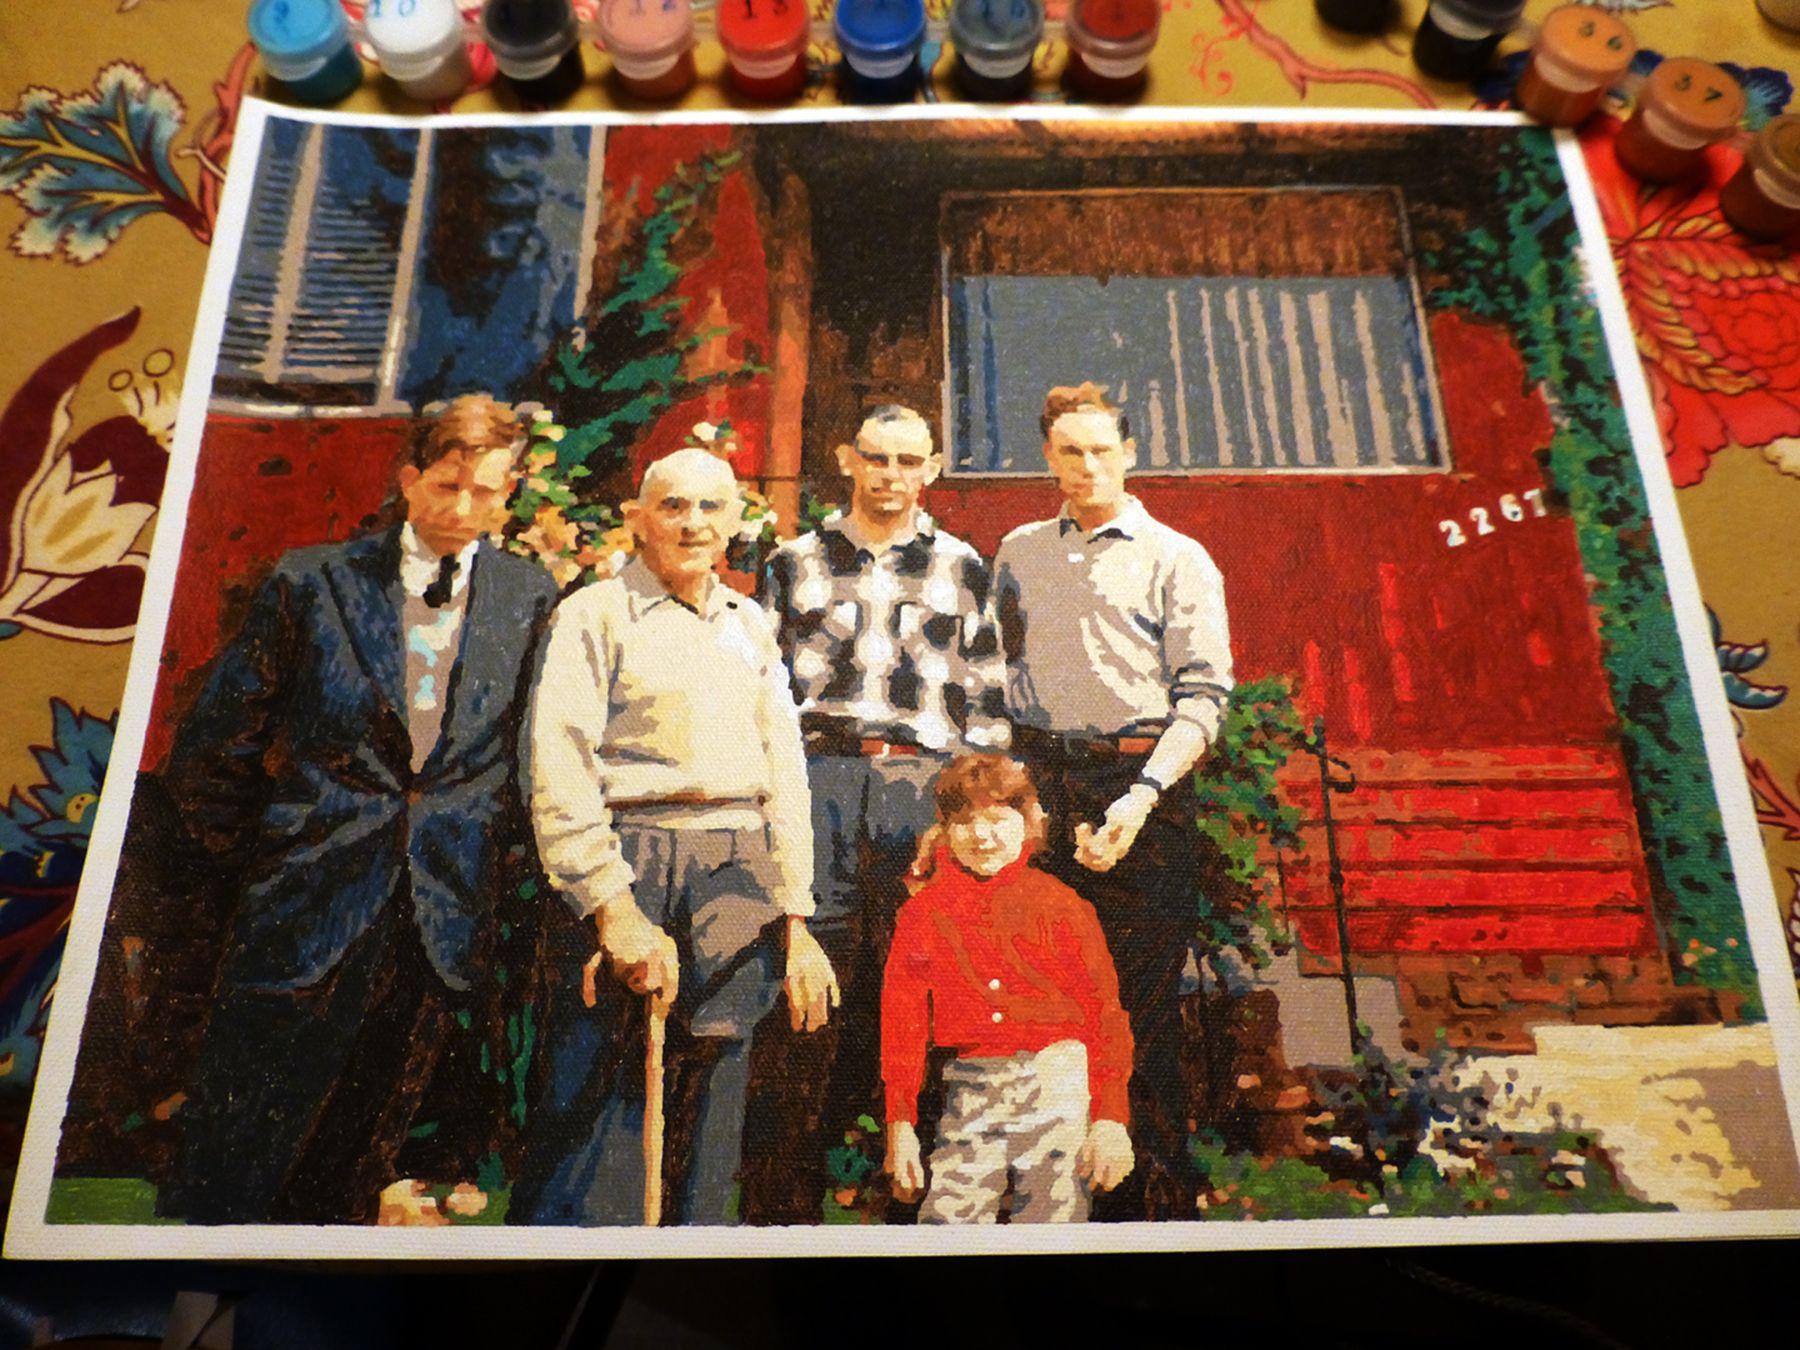 Every one's an original | Easy123Art.com www.easy123art.com/gallery